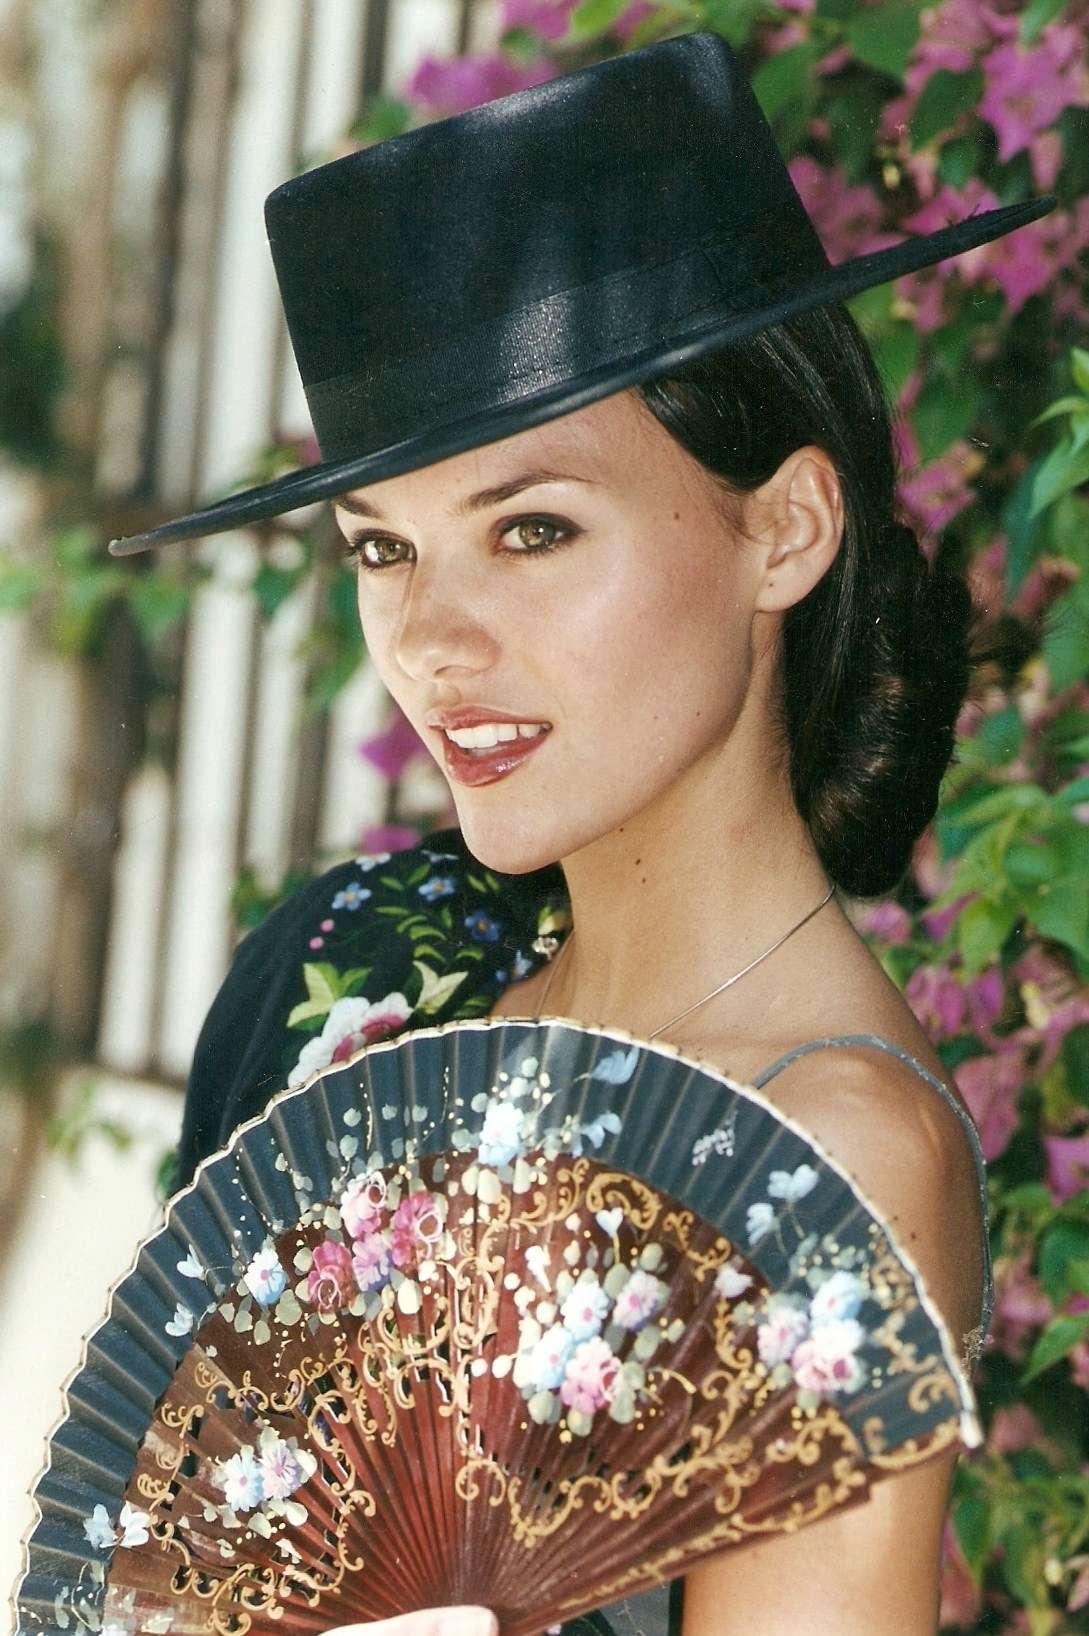 helen lindes griffiths, 2nd runner-up de miss universe 2000. Helen-17